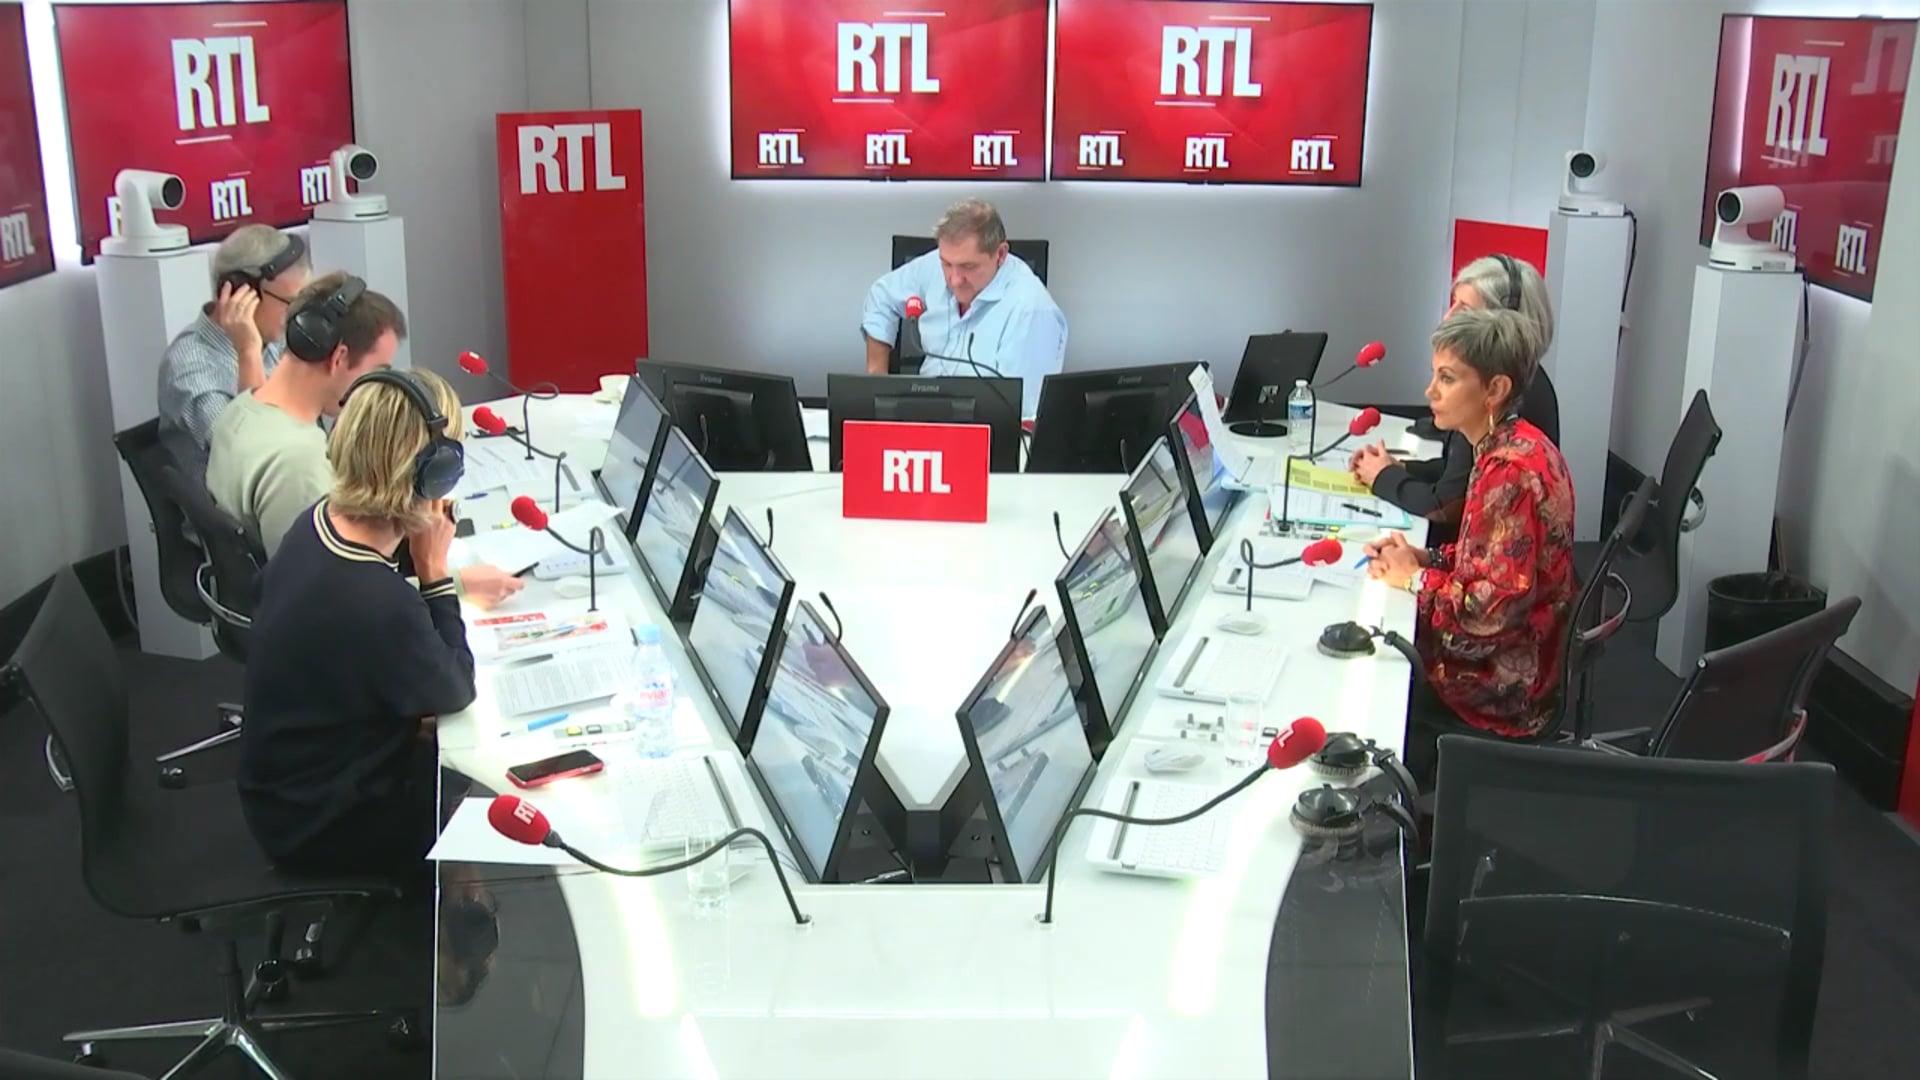 Laissez-vous tenter - RTL extraits